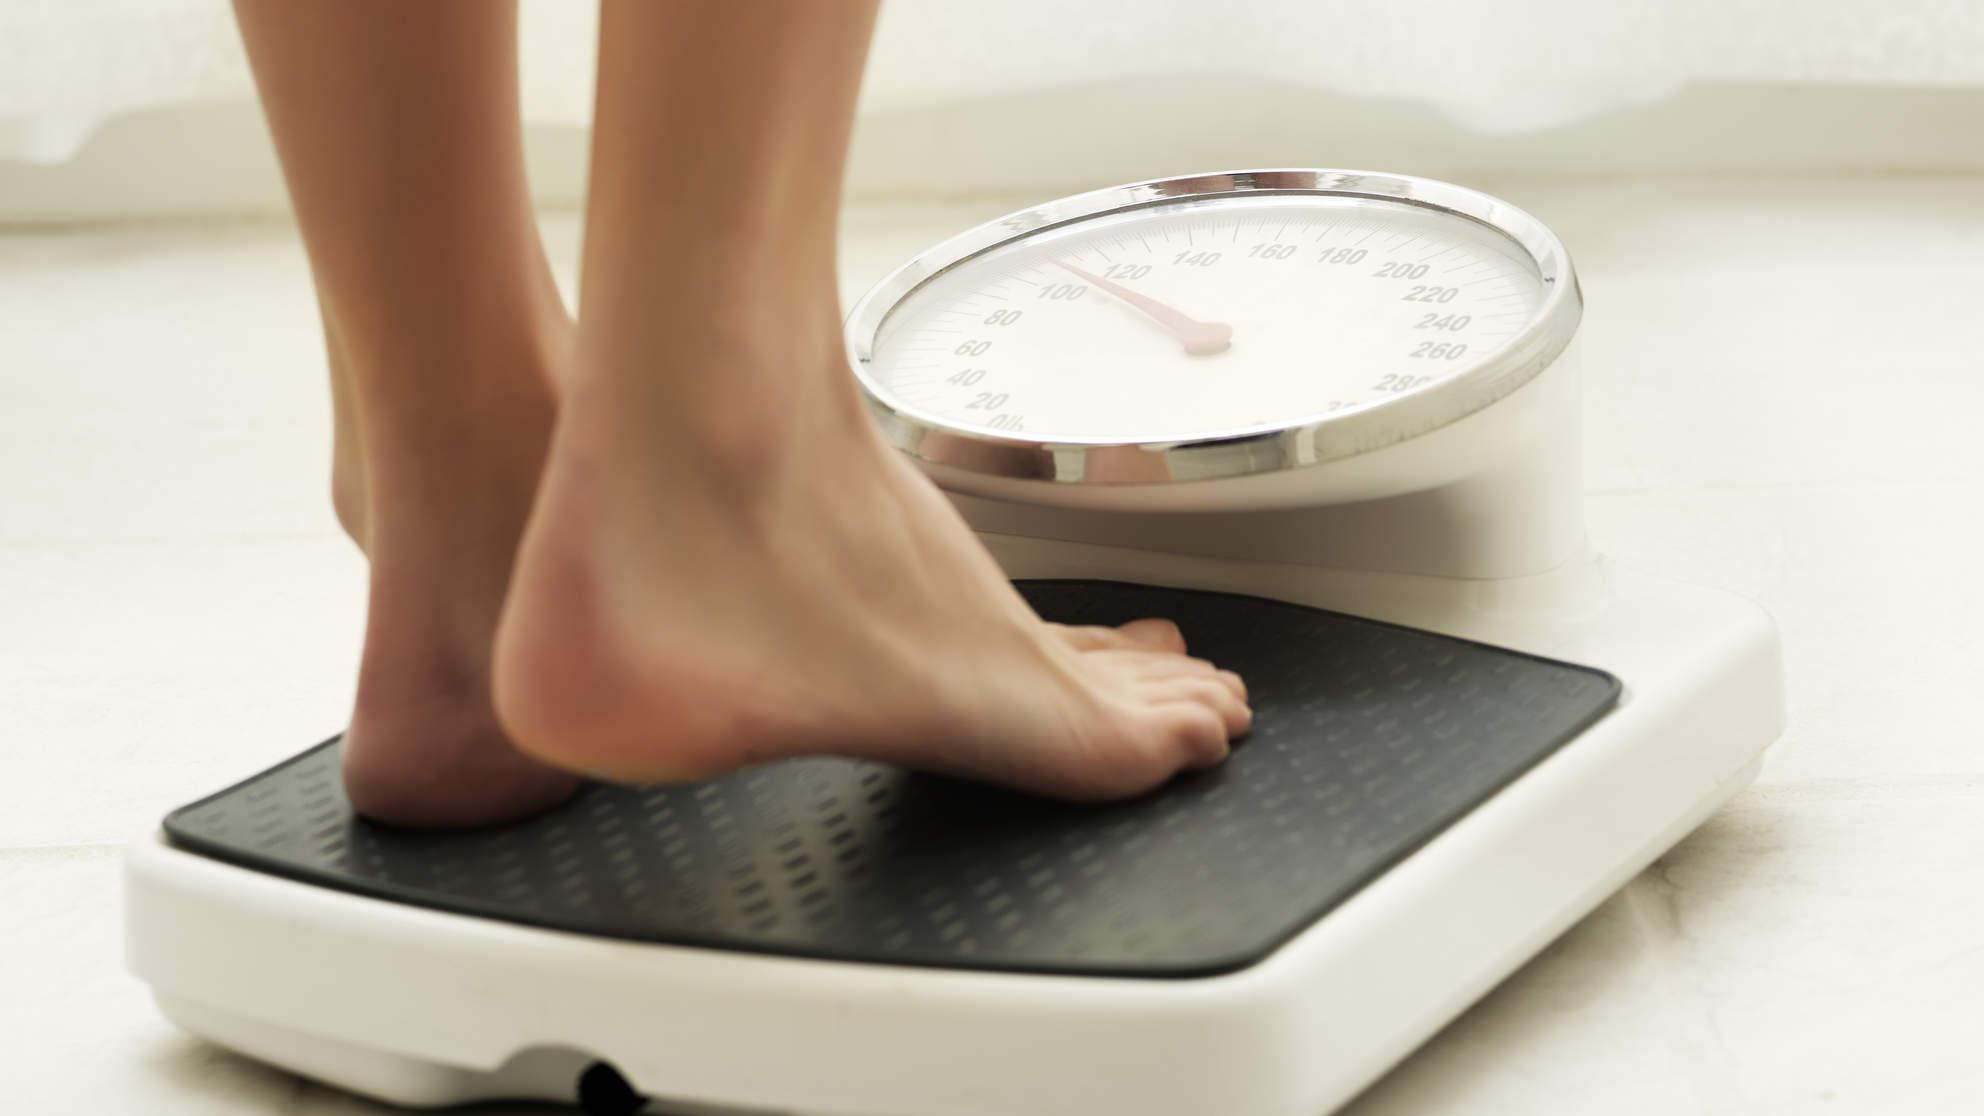 Tütsülenmiş gıdalar mide kanseri riskini artırıyor #1